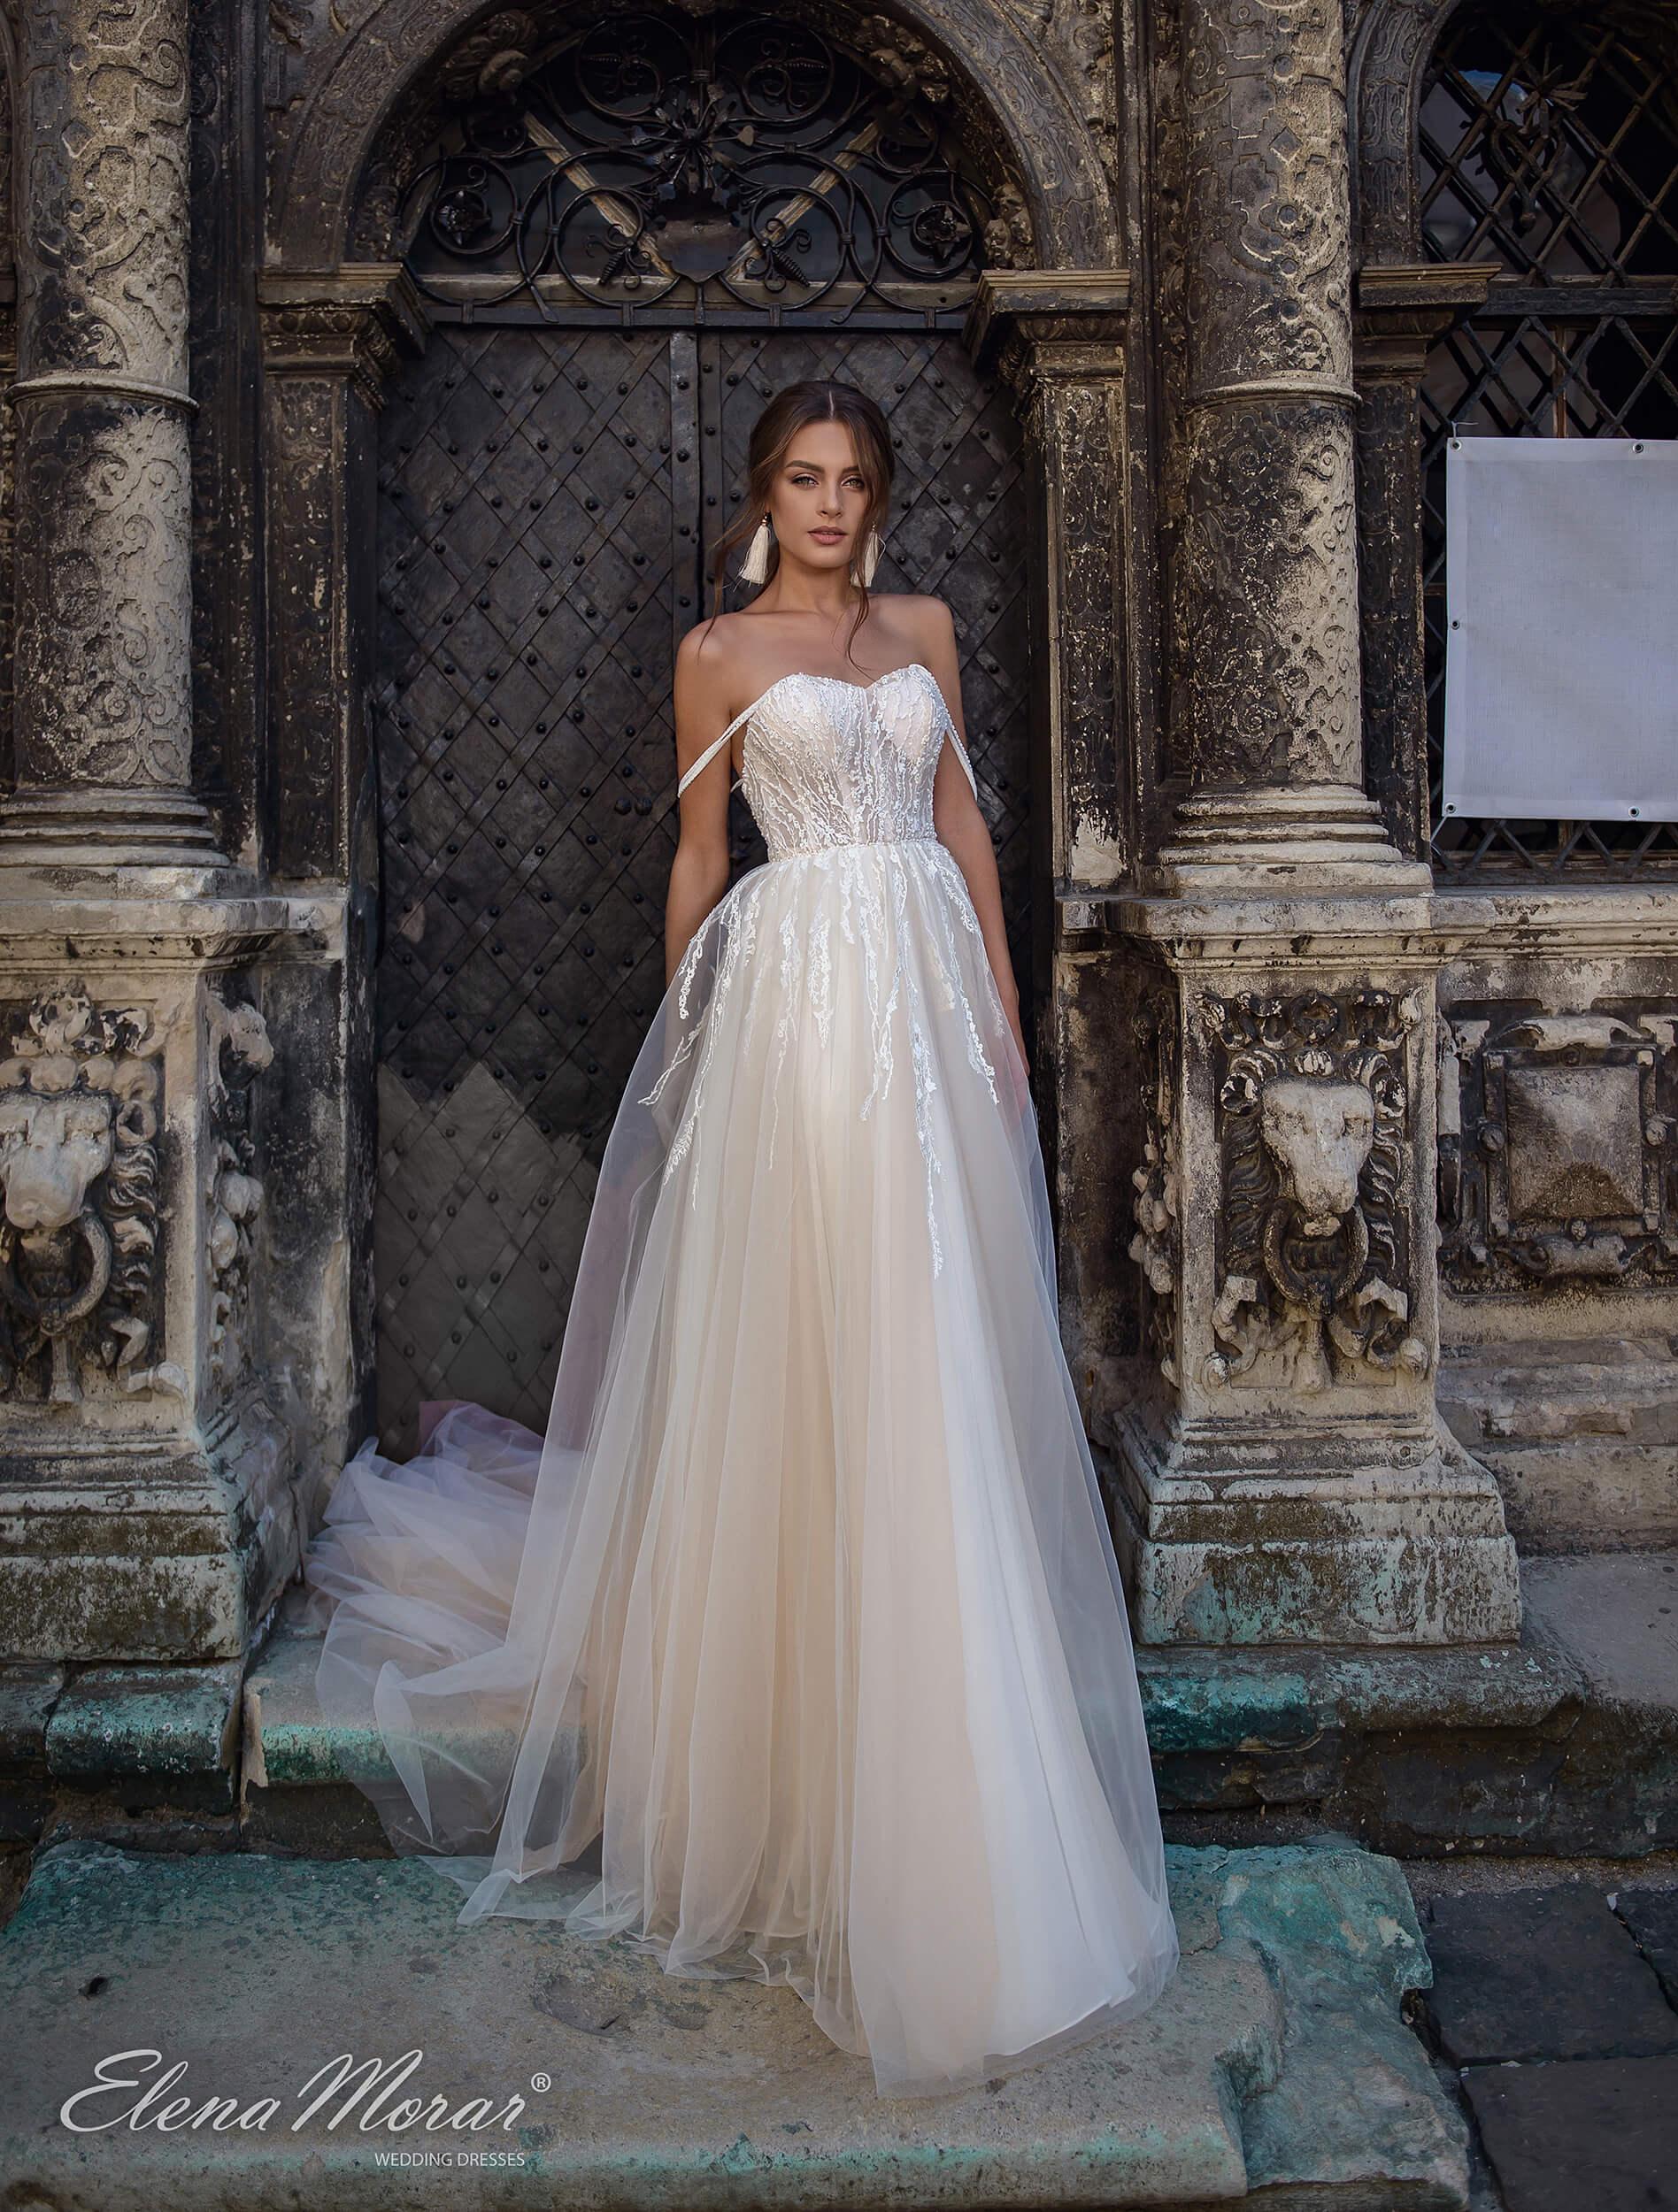 свадебное платье для пляжа (1) | Vero